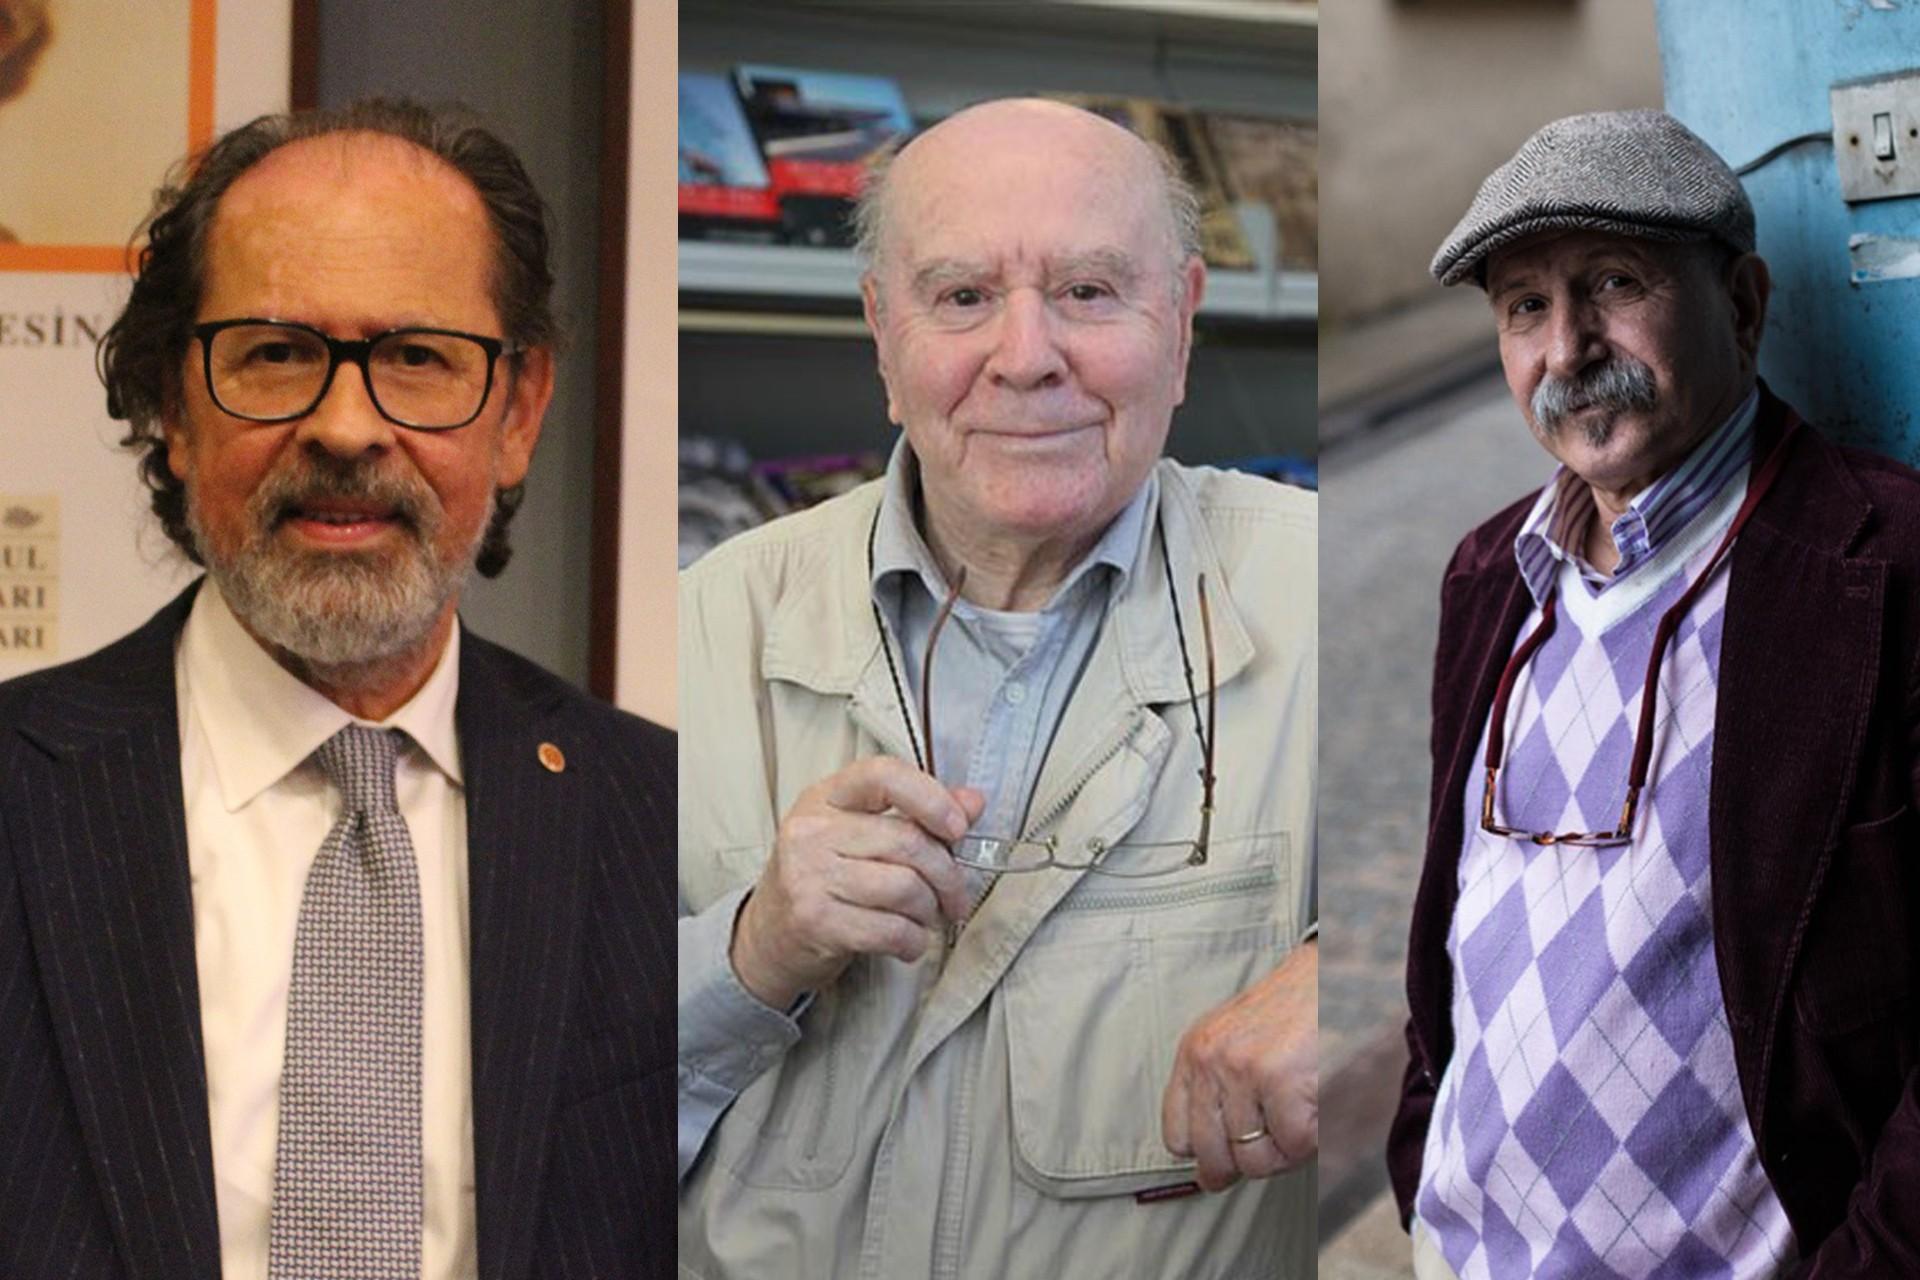 Türkiye Yayıncılar Birliği Genel Başkanı Kenan Kocatürk (solda),Türkiye Yazarlar Sendikası Genel Başkanı Adnan Özyalçıner (ortada), Yayıncılar Kooperatifi Başkanı İlbay Kahraman (sağda)